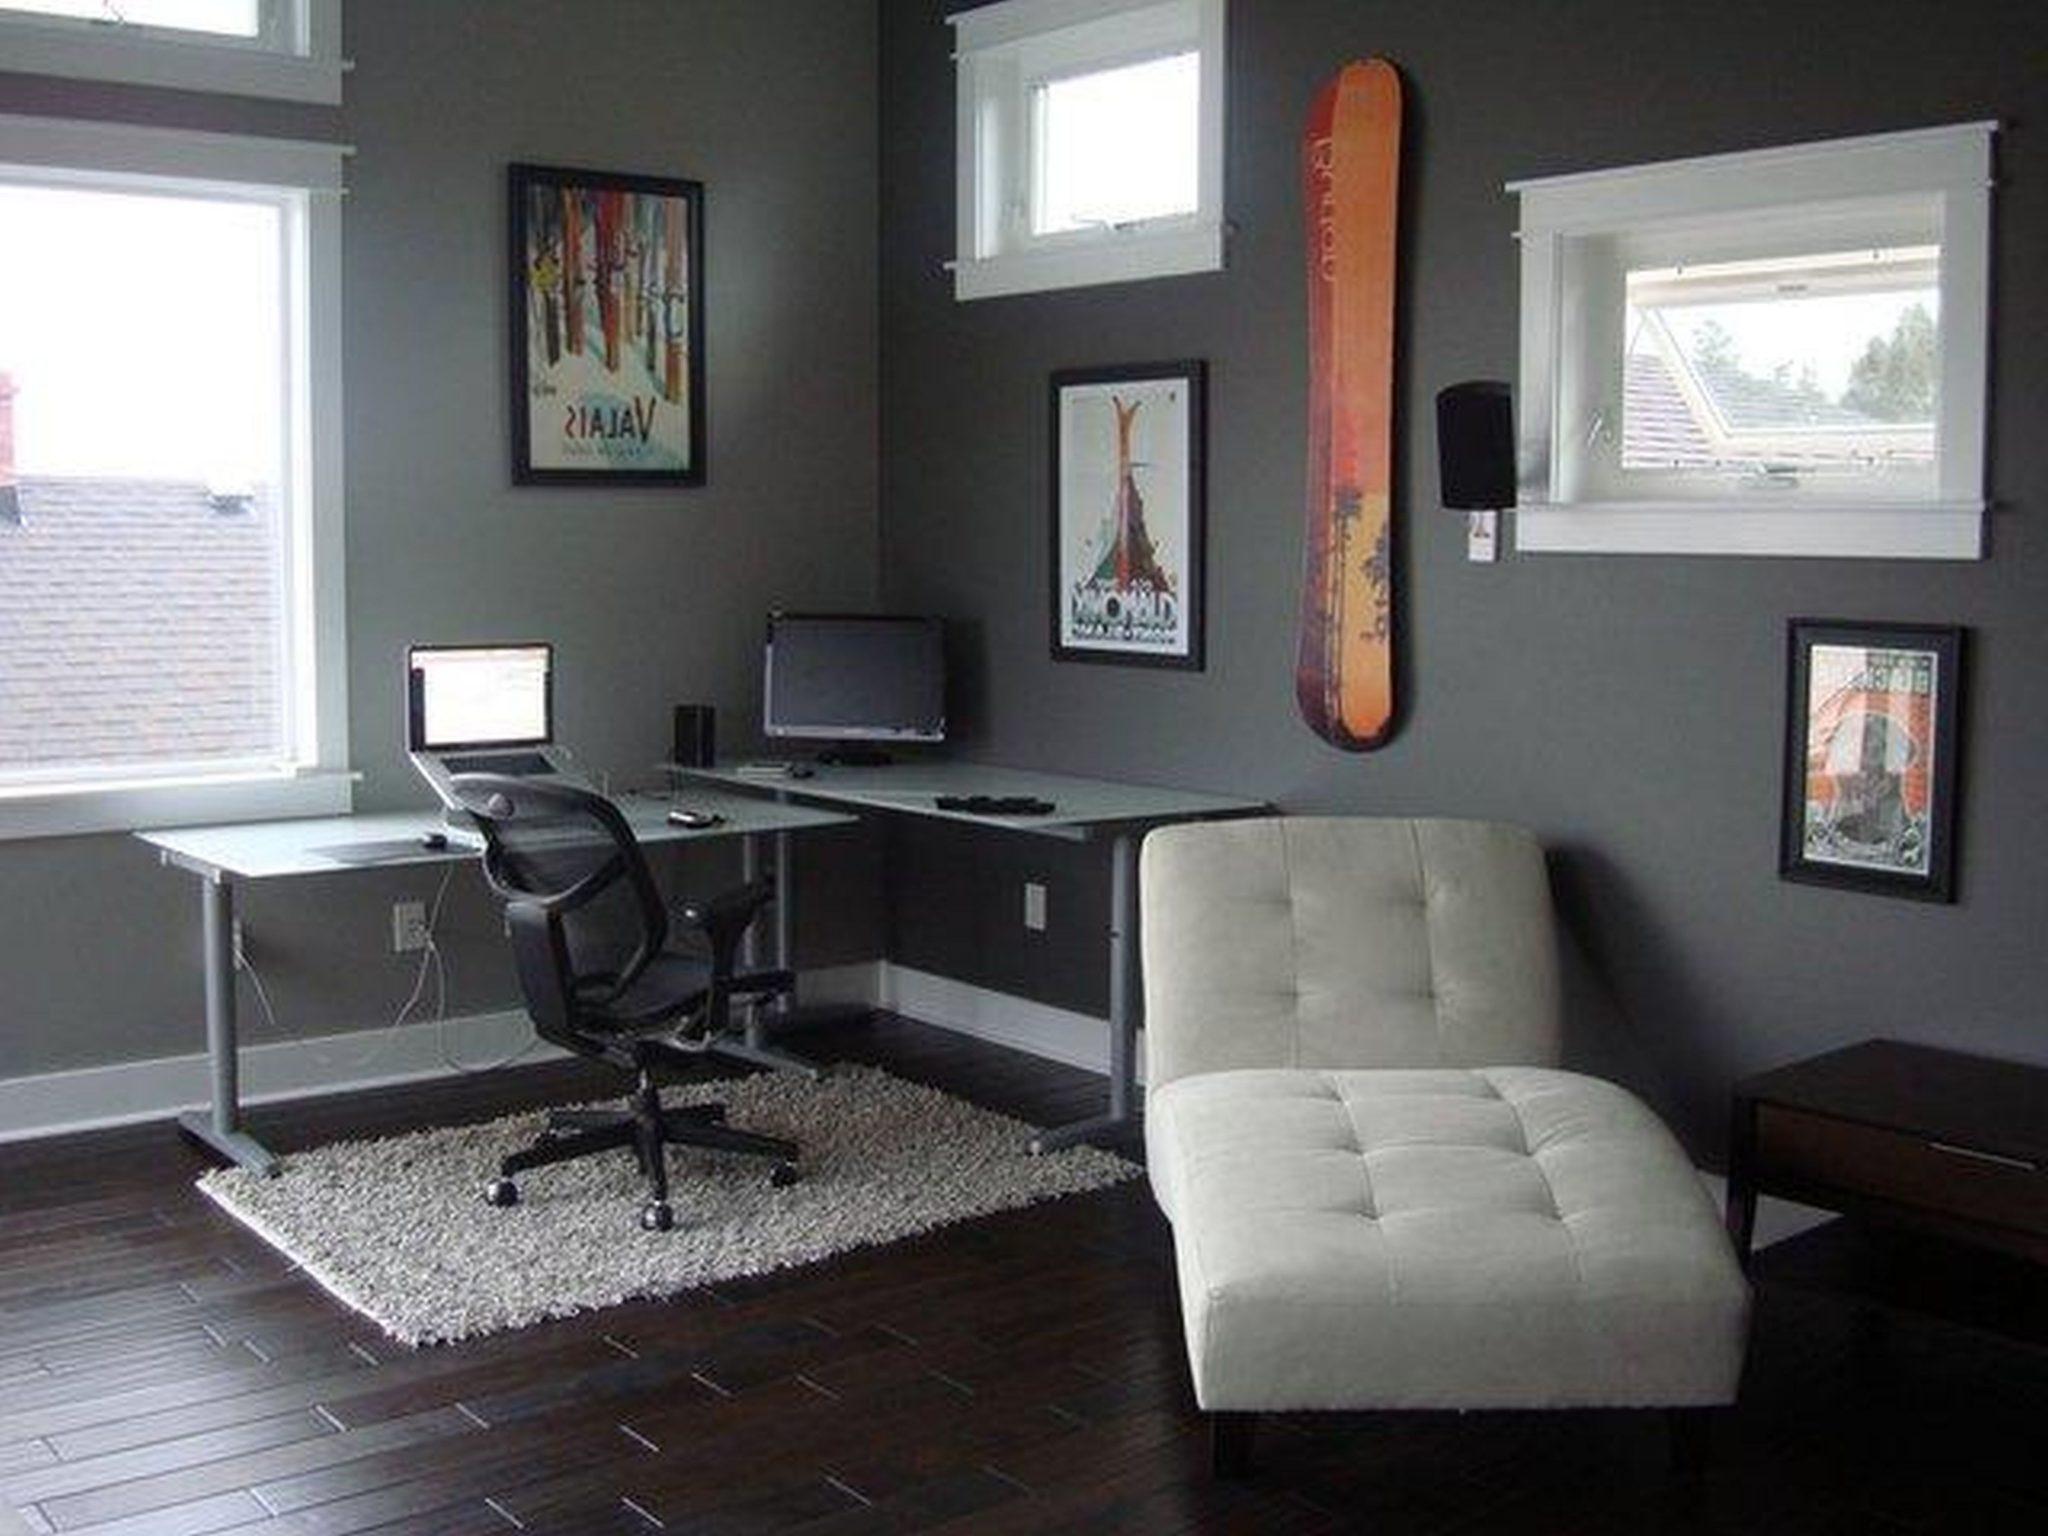 Estilo lounge sin nimo de relax en su hogar hoy lowcost for Definicion de decoracion